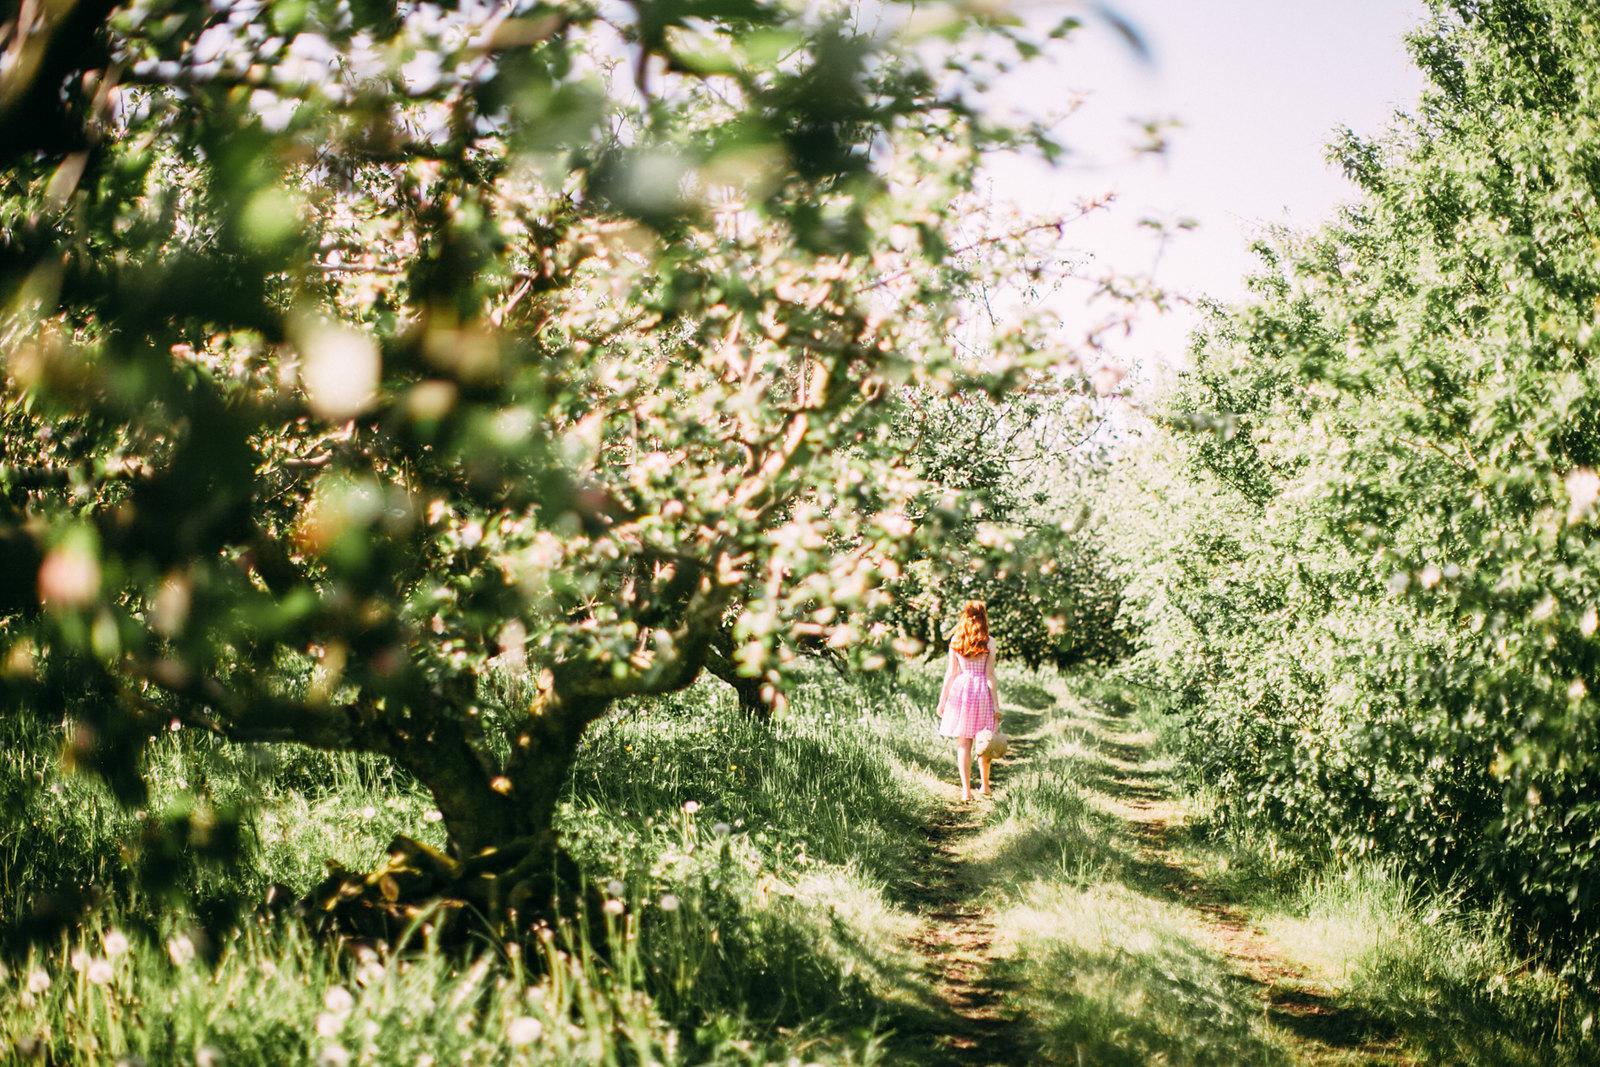 wildorchard-28